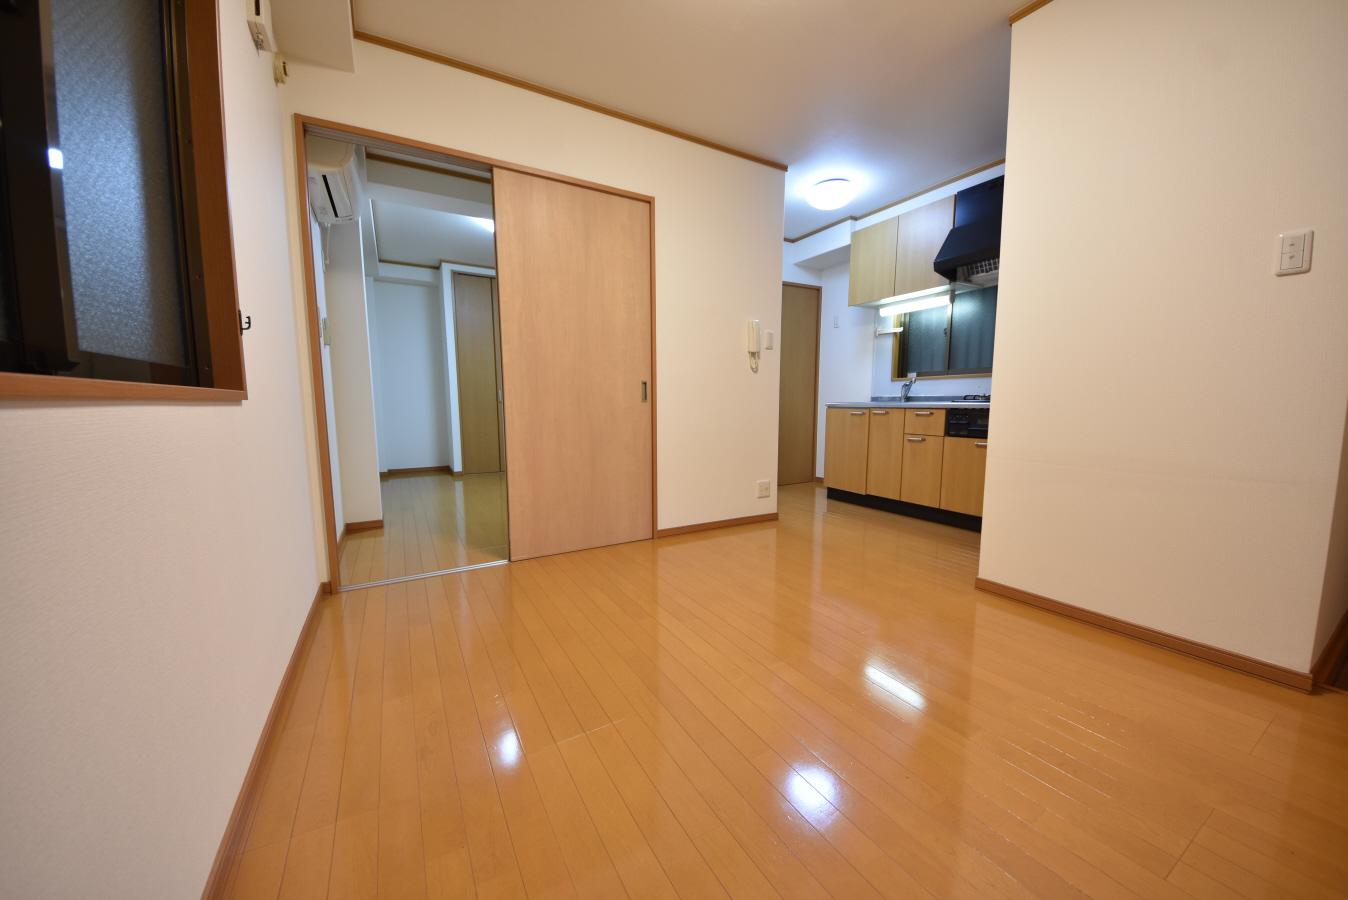 物件番号: 1025884190 リーフハイツ999  神戸市中央区雲井通3丁目 1LDK マンション 画像1